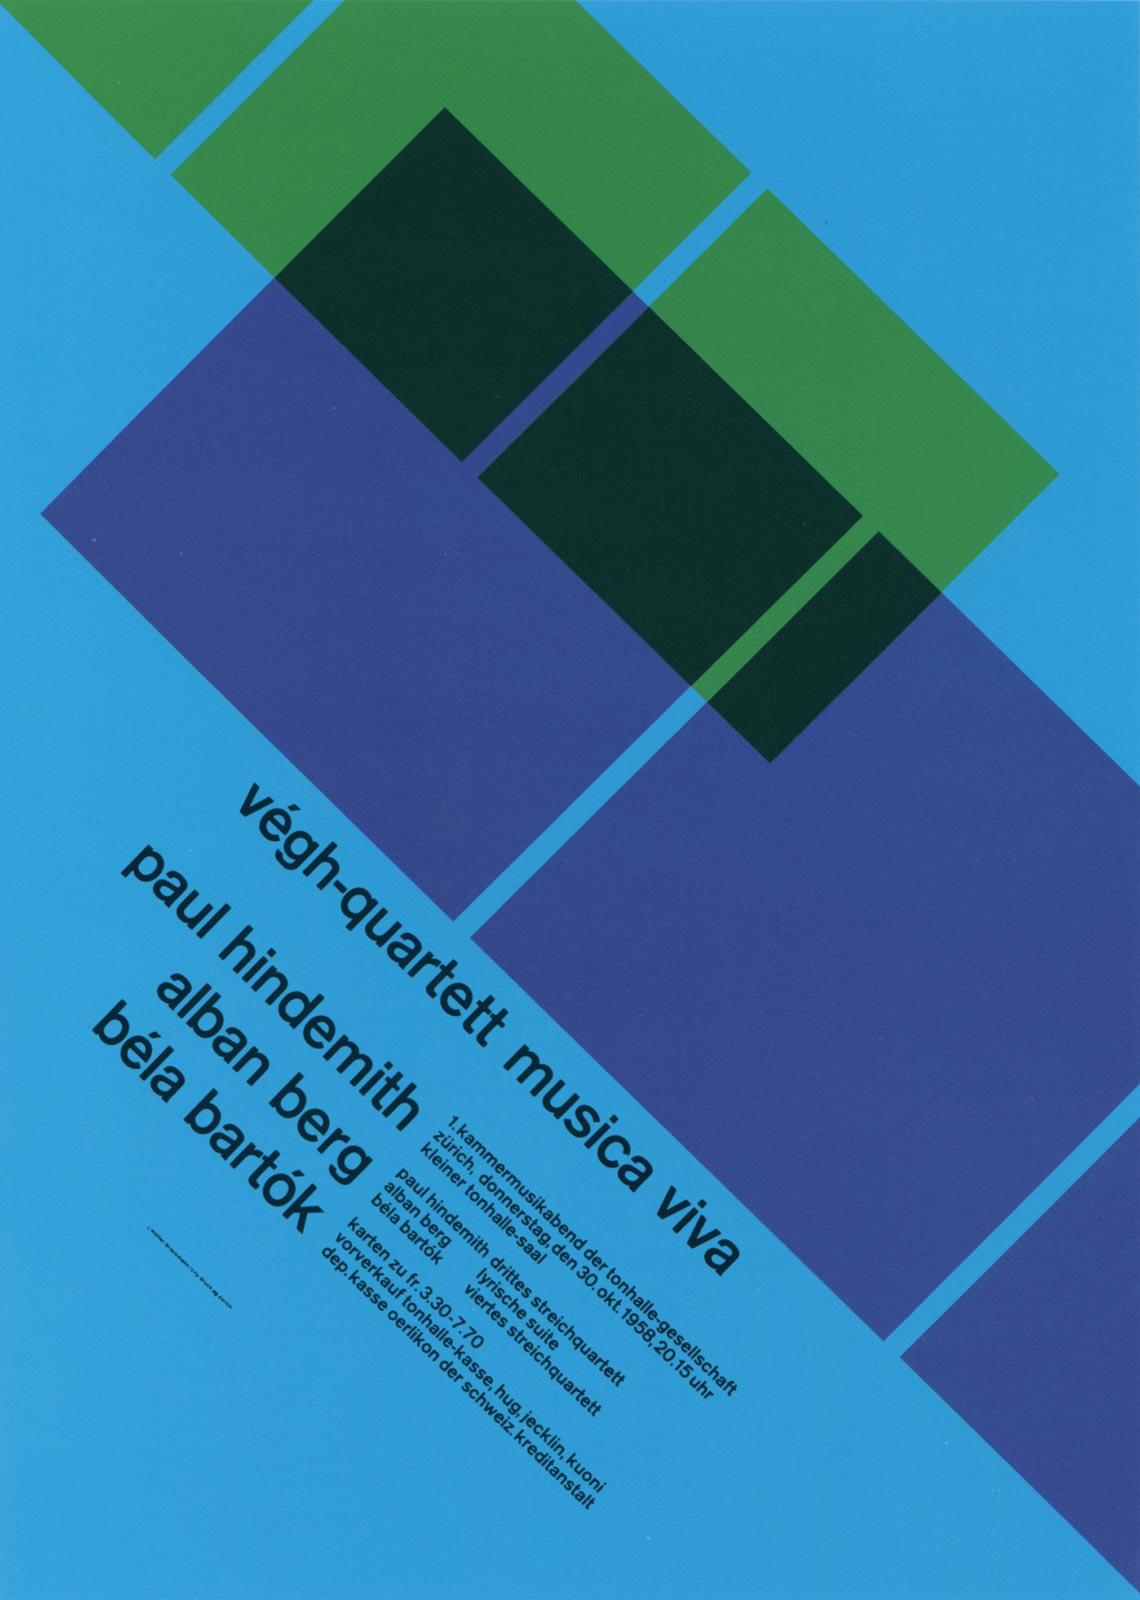 4. Zurich Tonhalle. musica viva. Concert poster, 1958